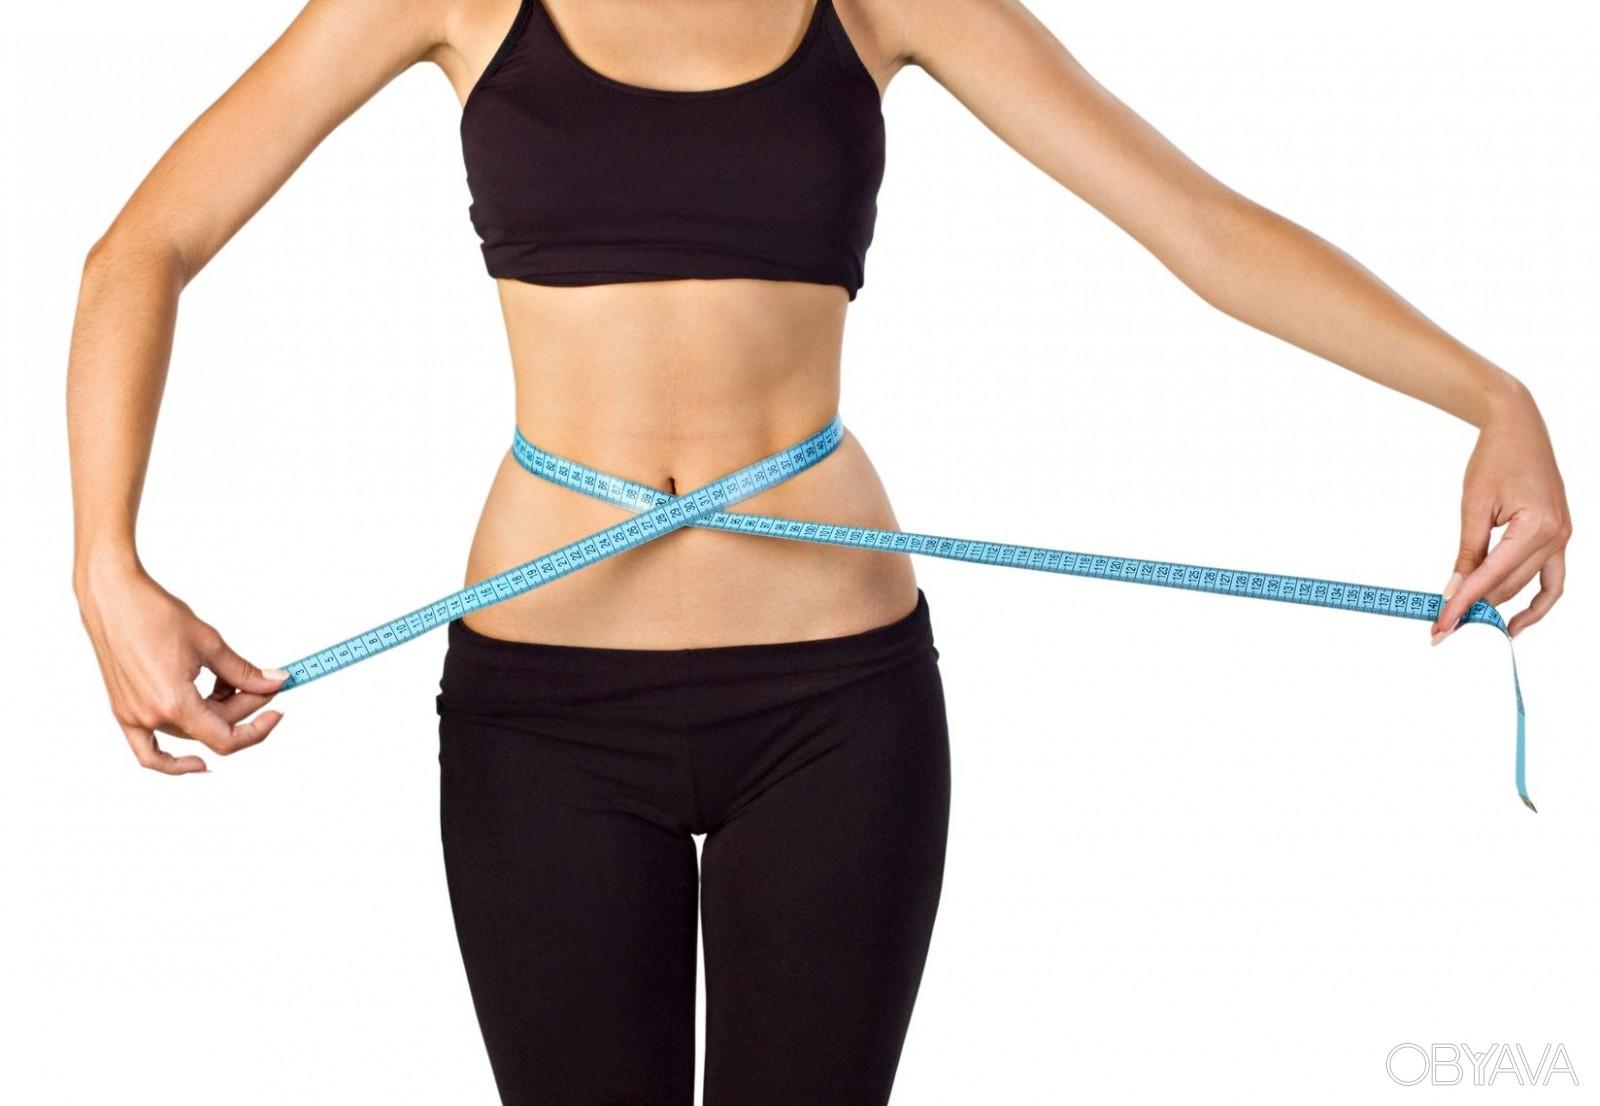 Как уменьшить талию: упражнения готовый план (фото) 21